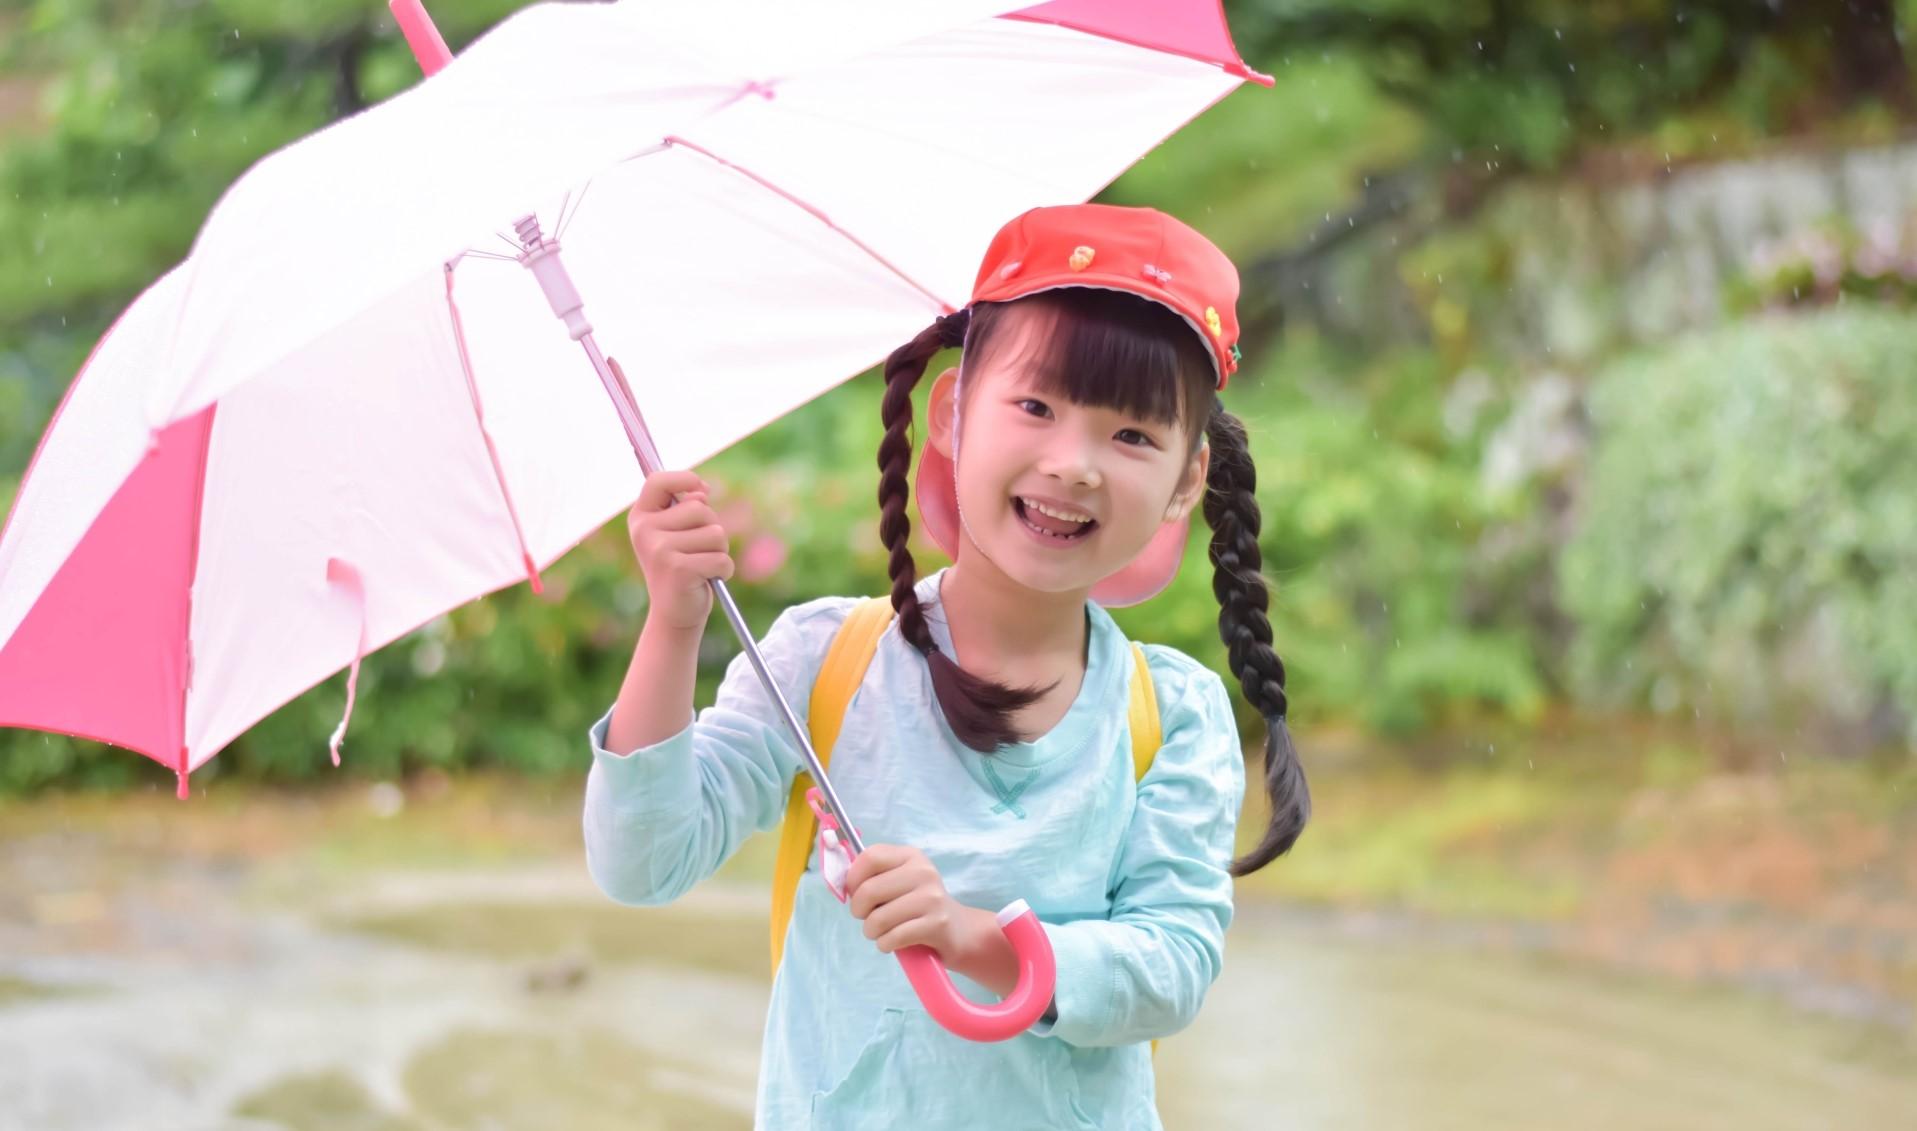 【あした、親子で読みたい本】雨の日も楽しくなる 梅雨の時期に読みたい本3選